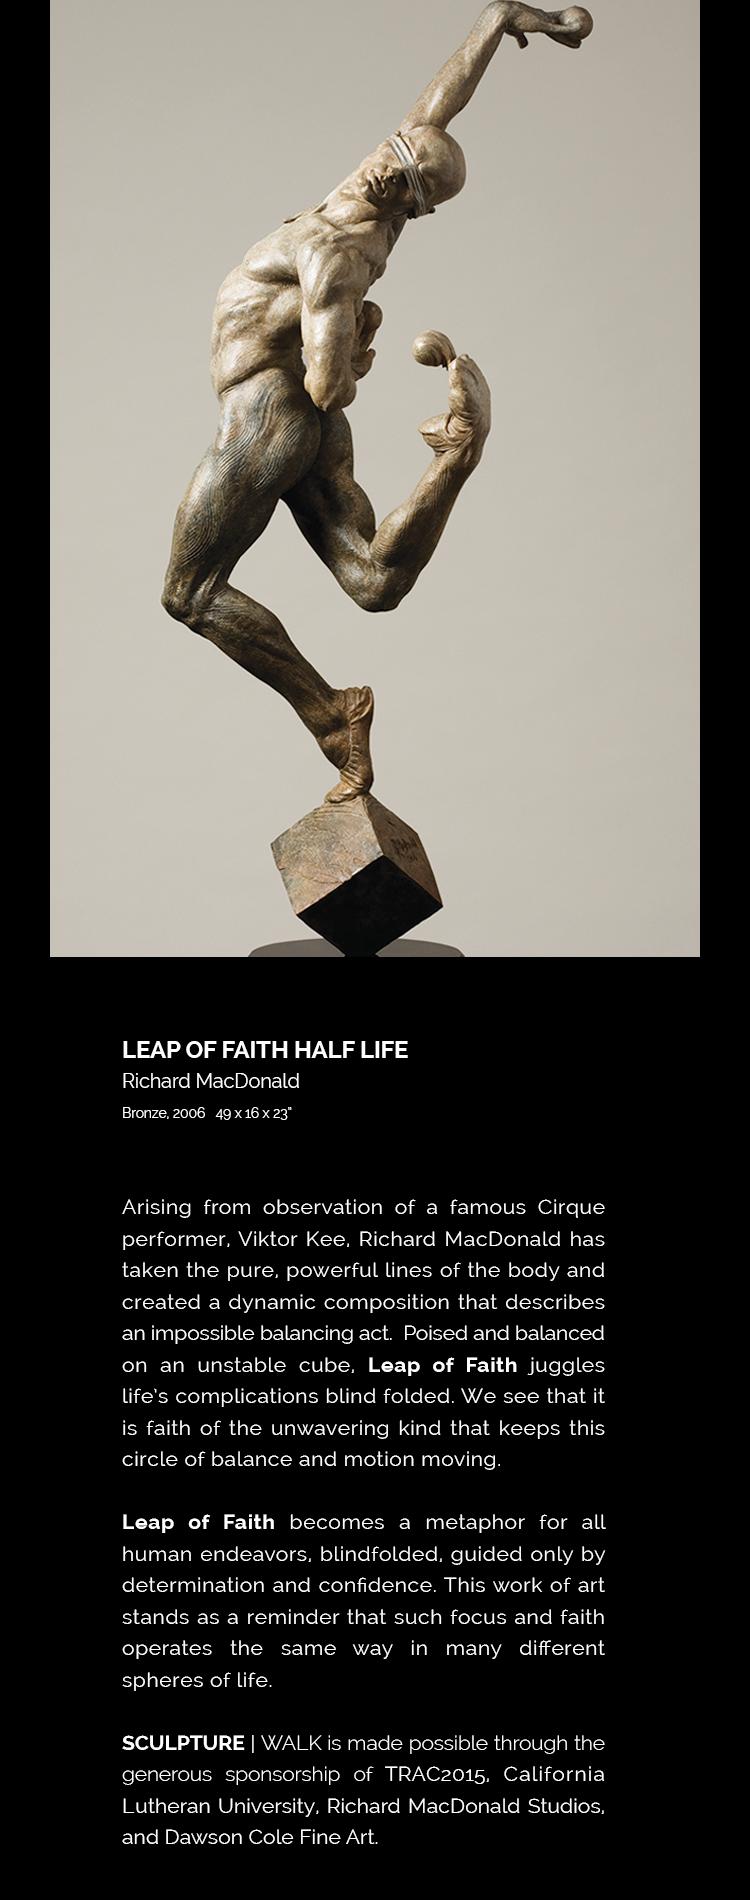 Leap of Faith by Richard MacDonald